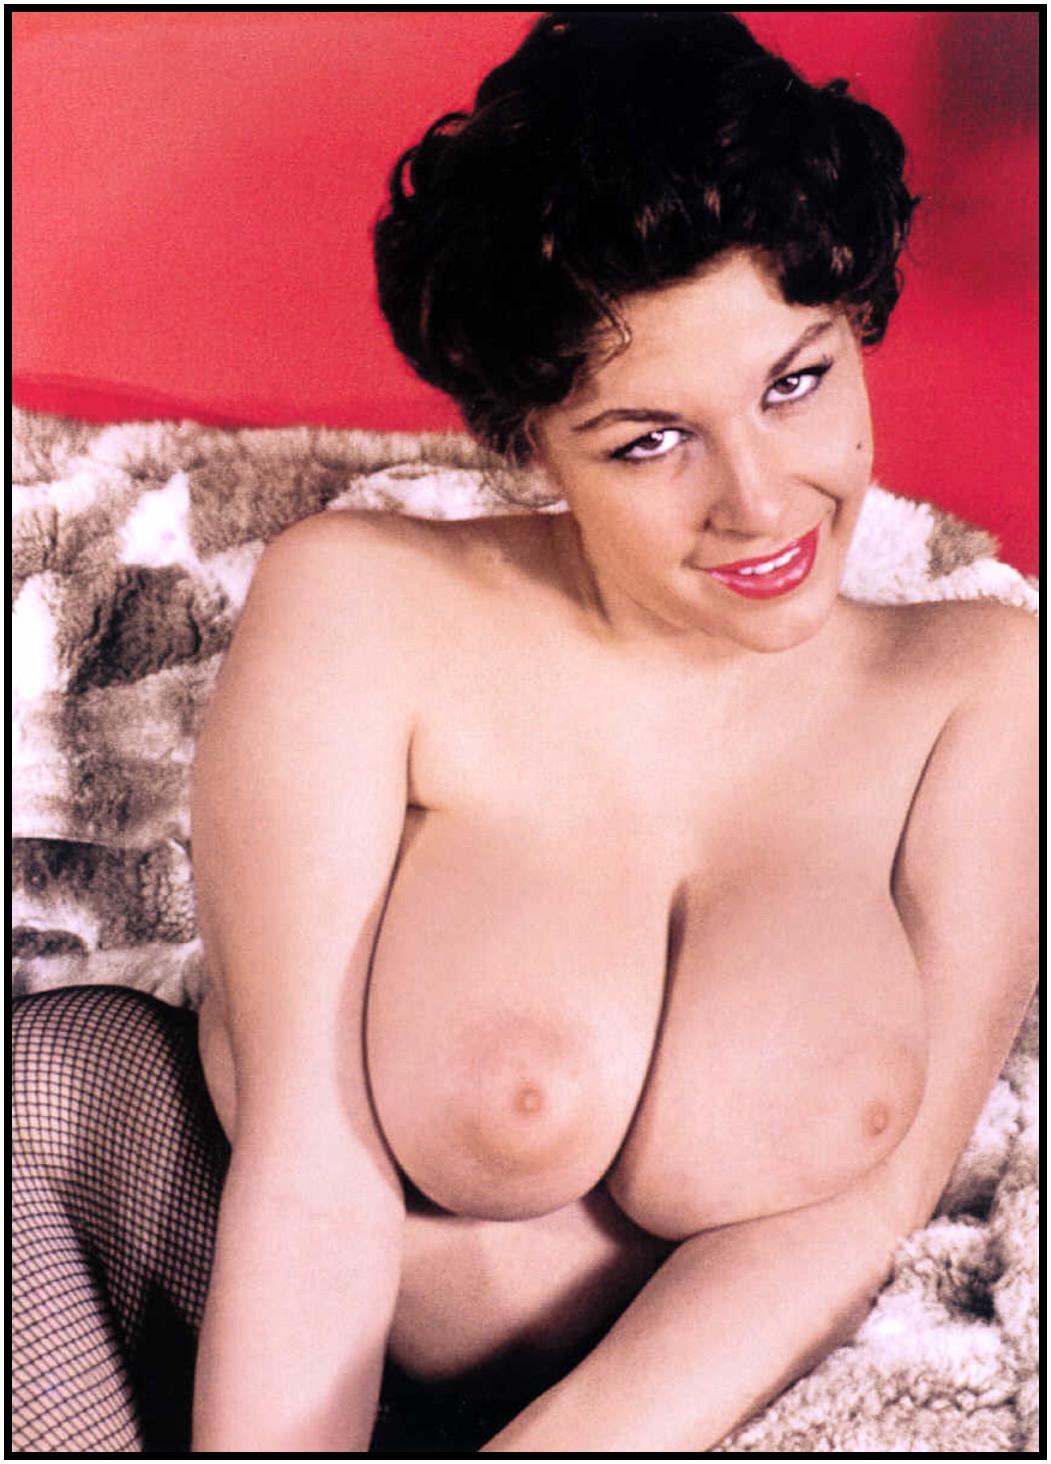 Jayne wayne huge boobs blonde webcam show - 1 part 7